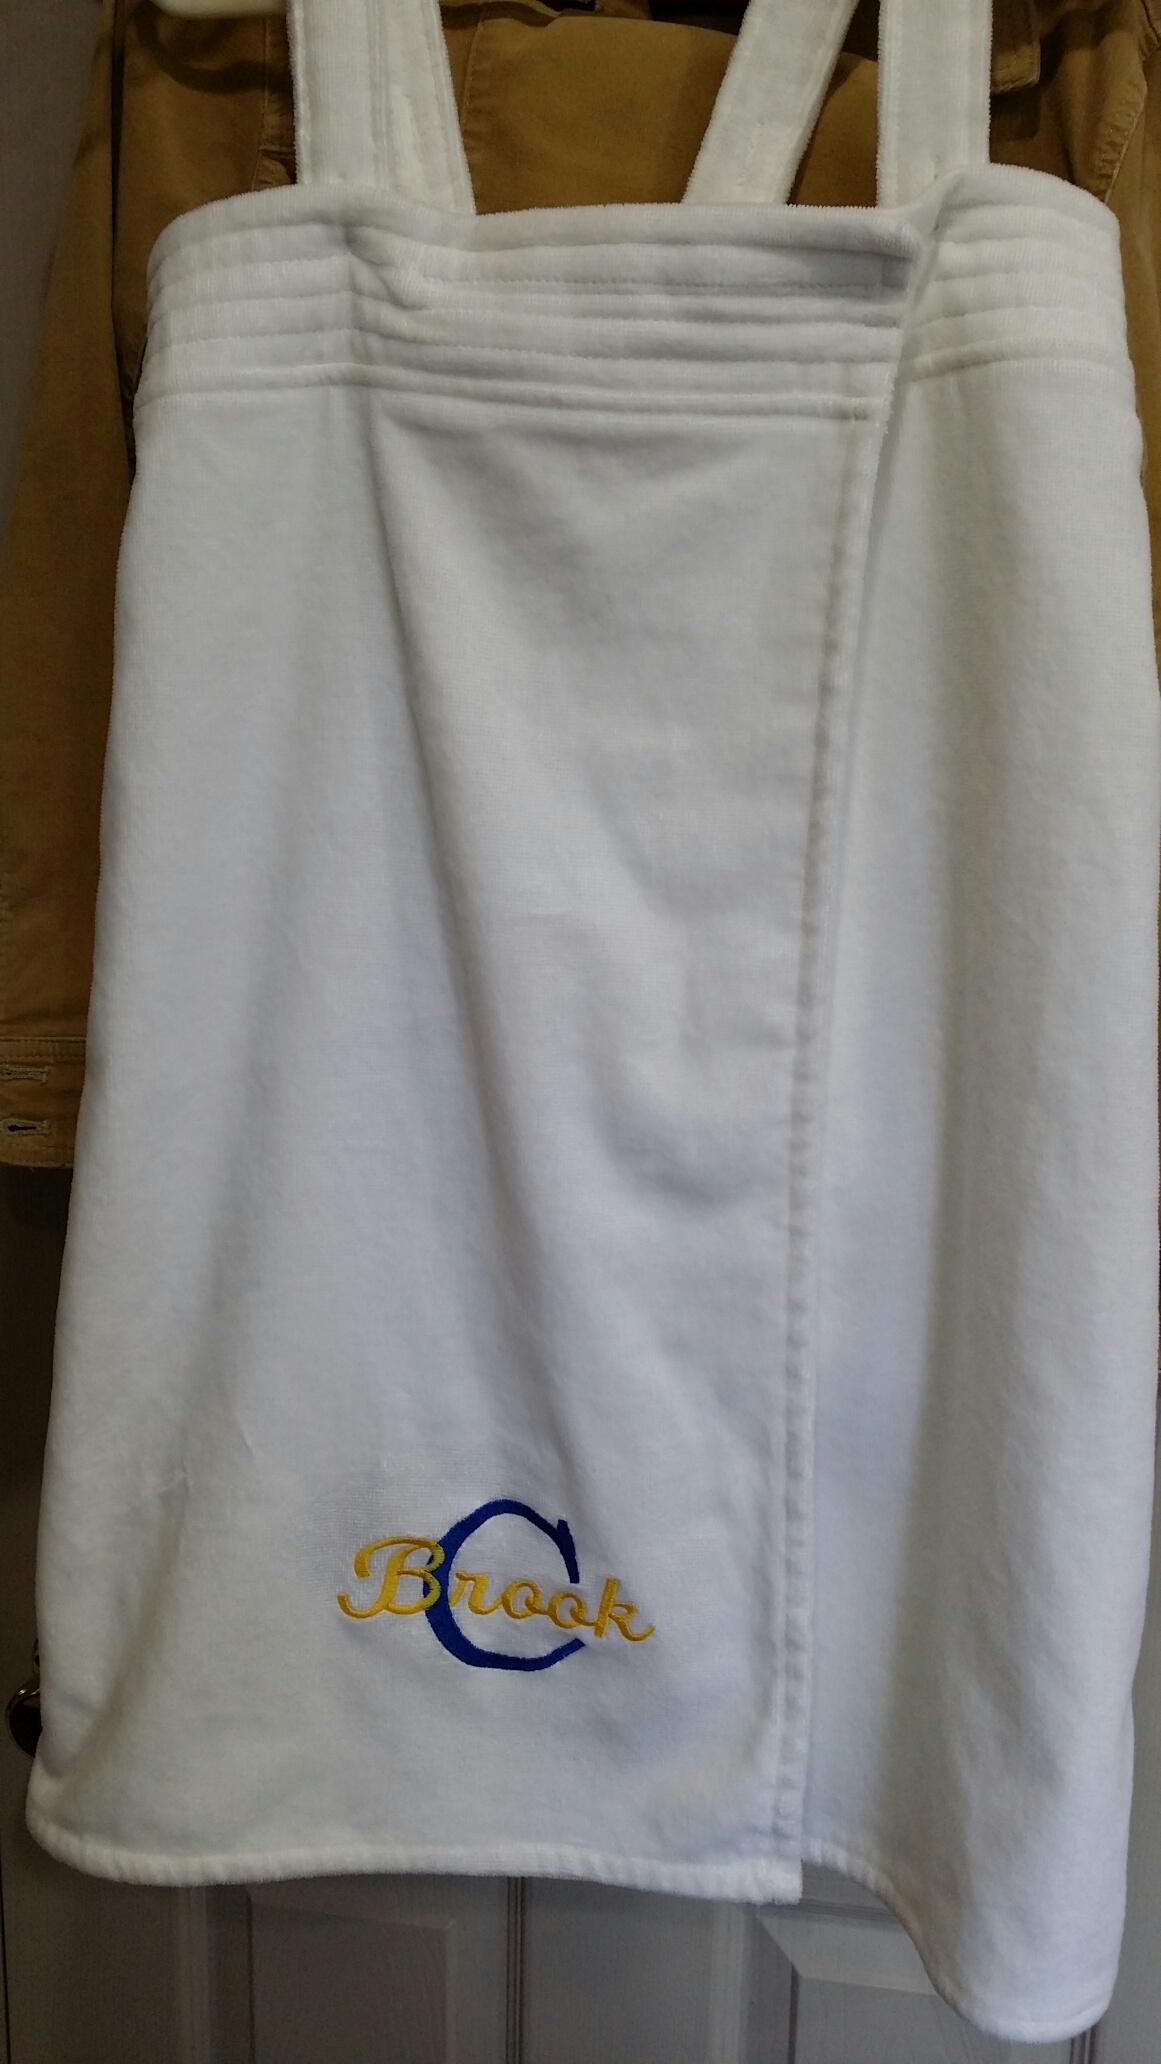 Monogrammed Towel Wrap